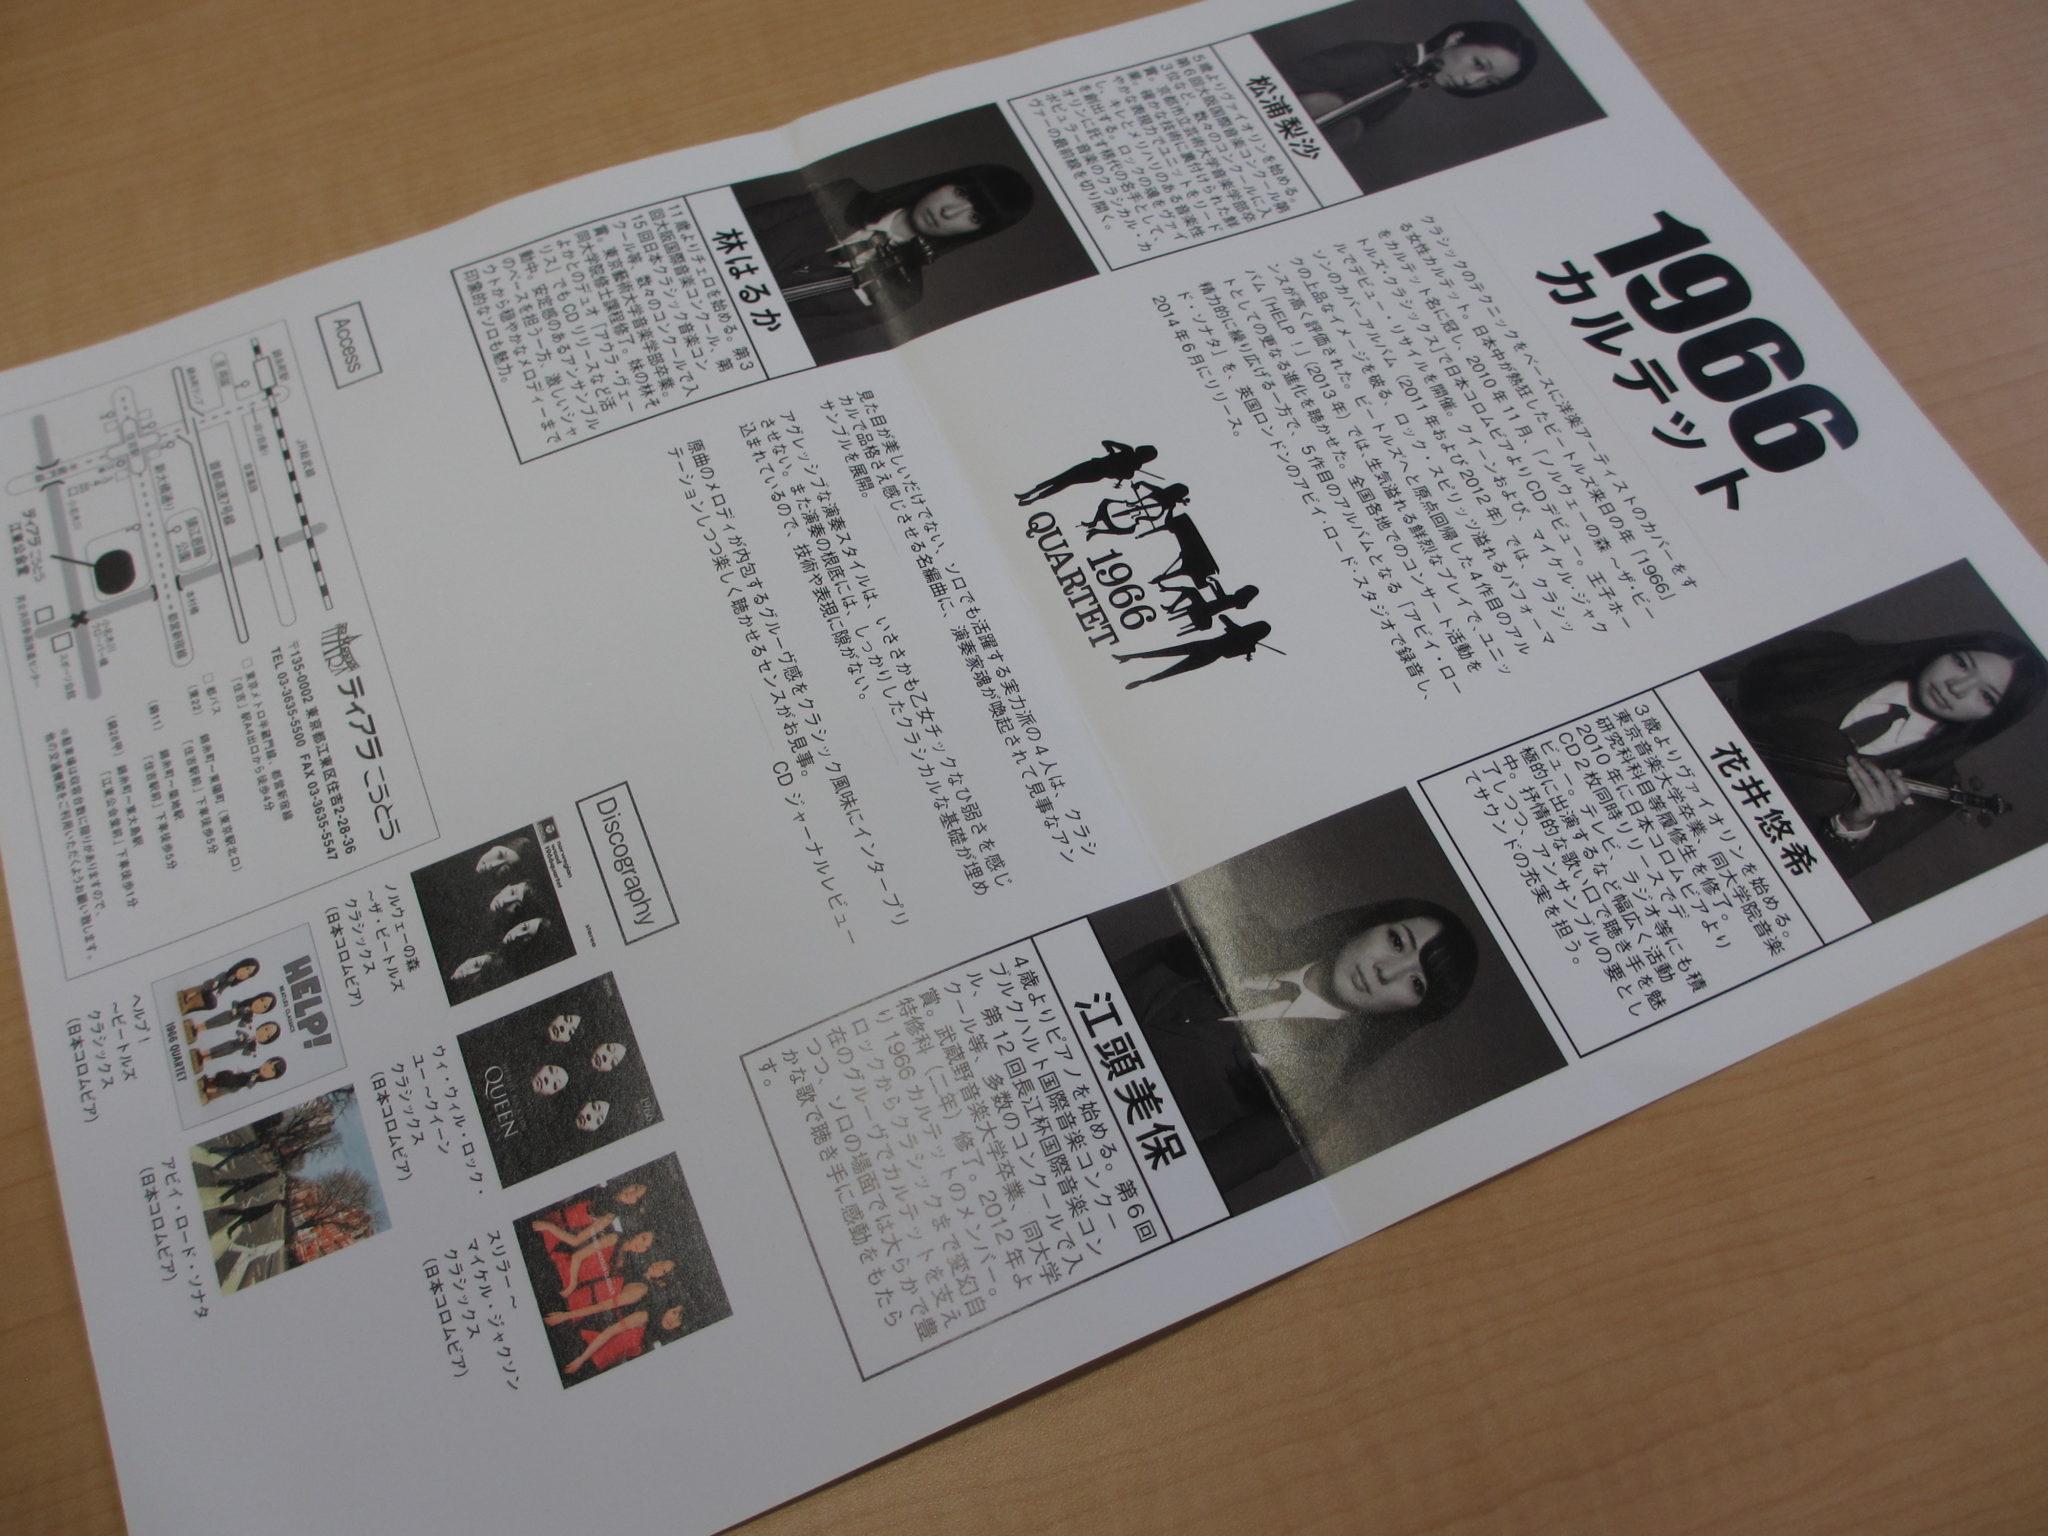 音楽 コンクール 国際 ブルクハルト